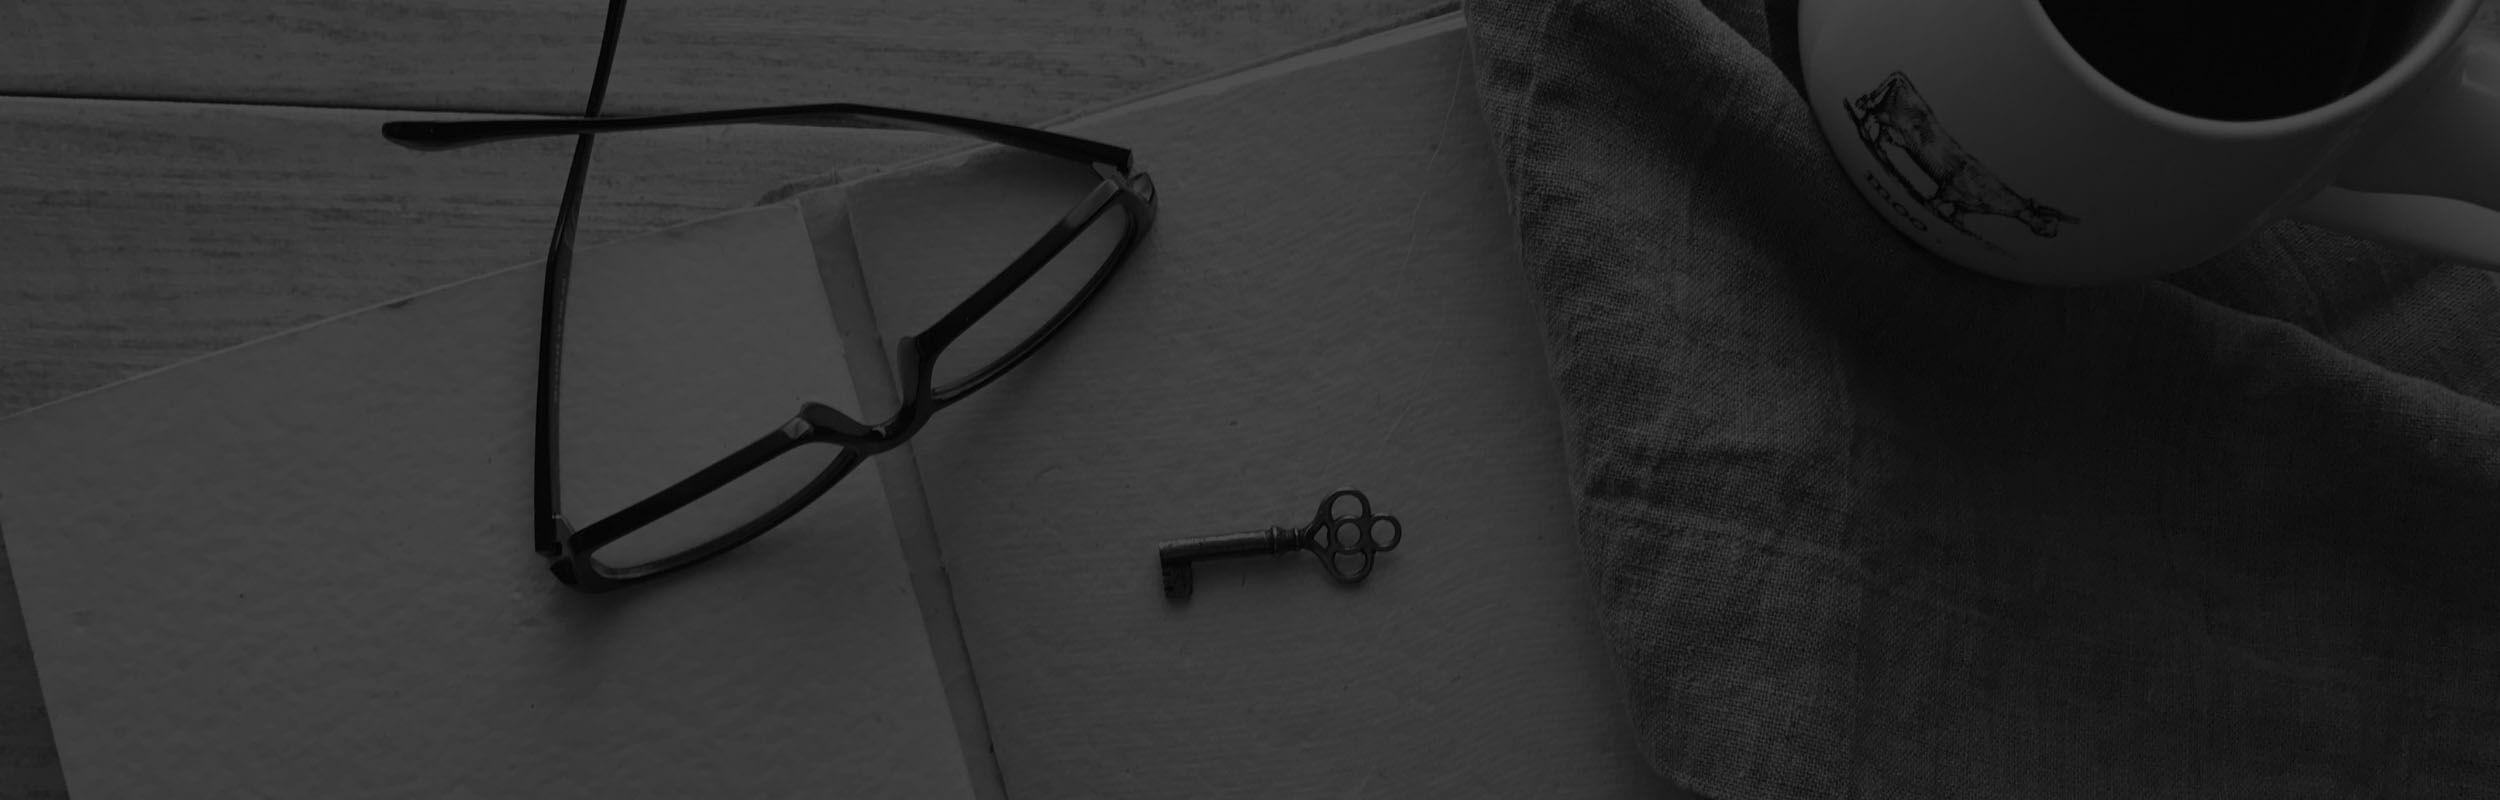 okuliare a kľúč na zápisníku